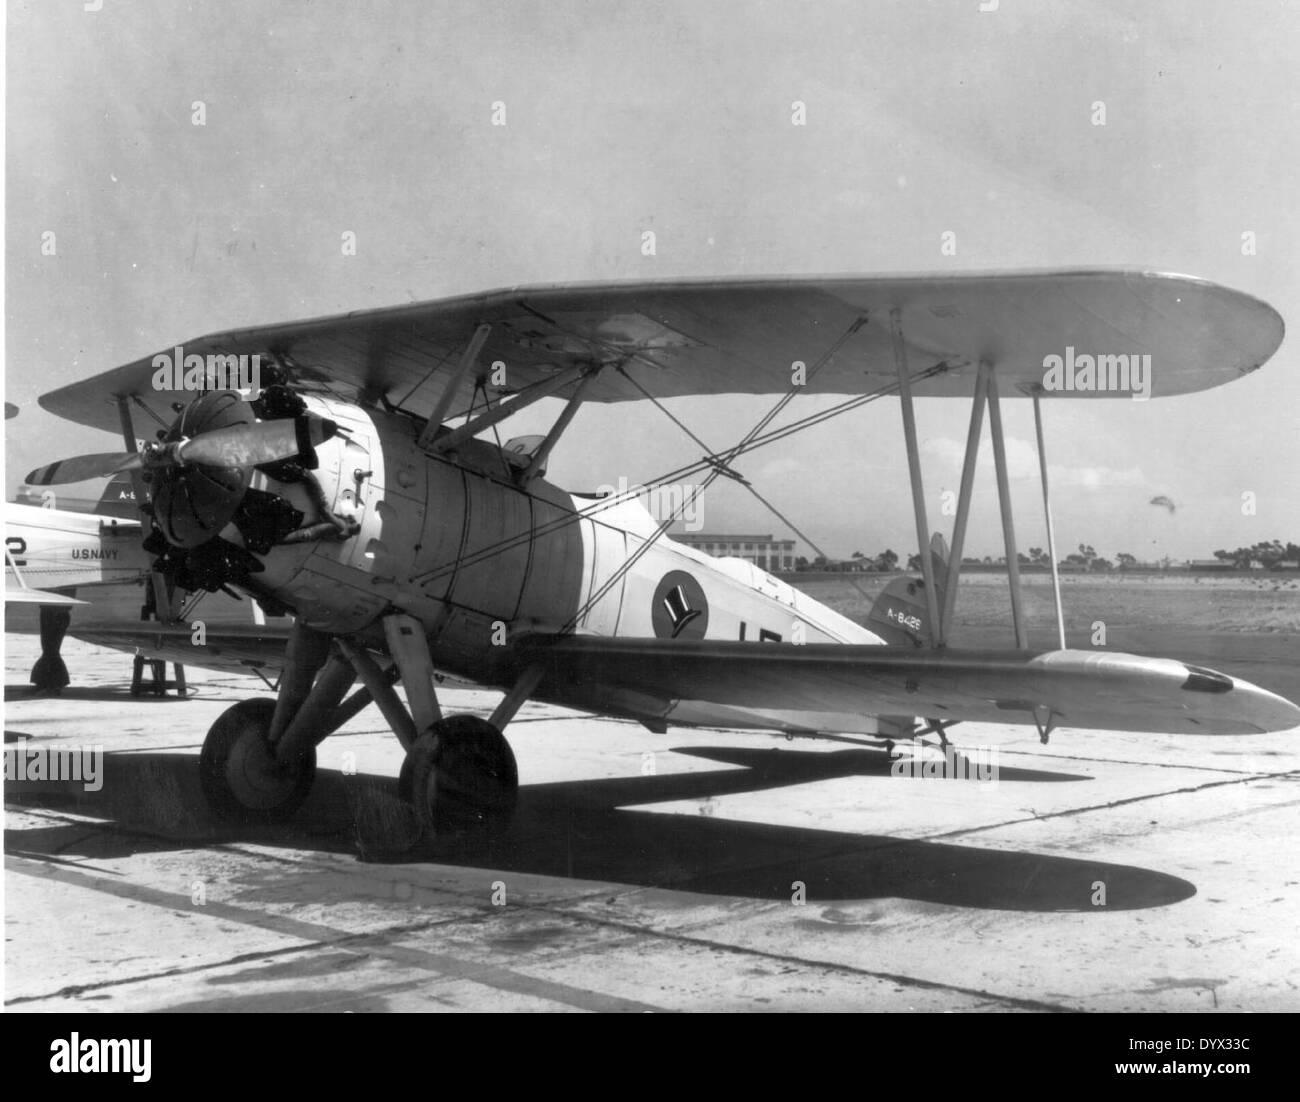 NASNI Historical Archive 049 - Stock Image